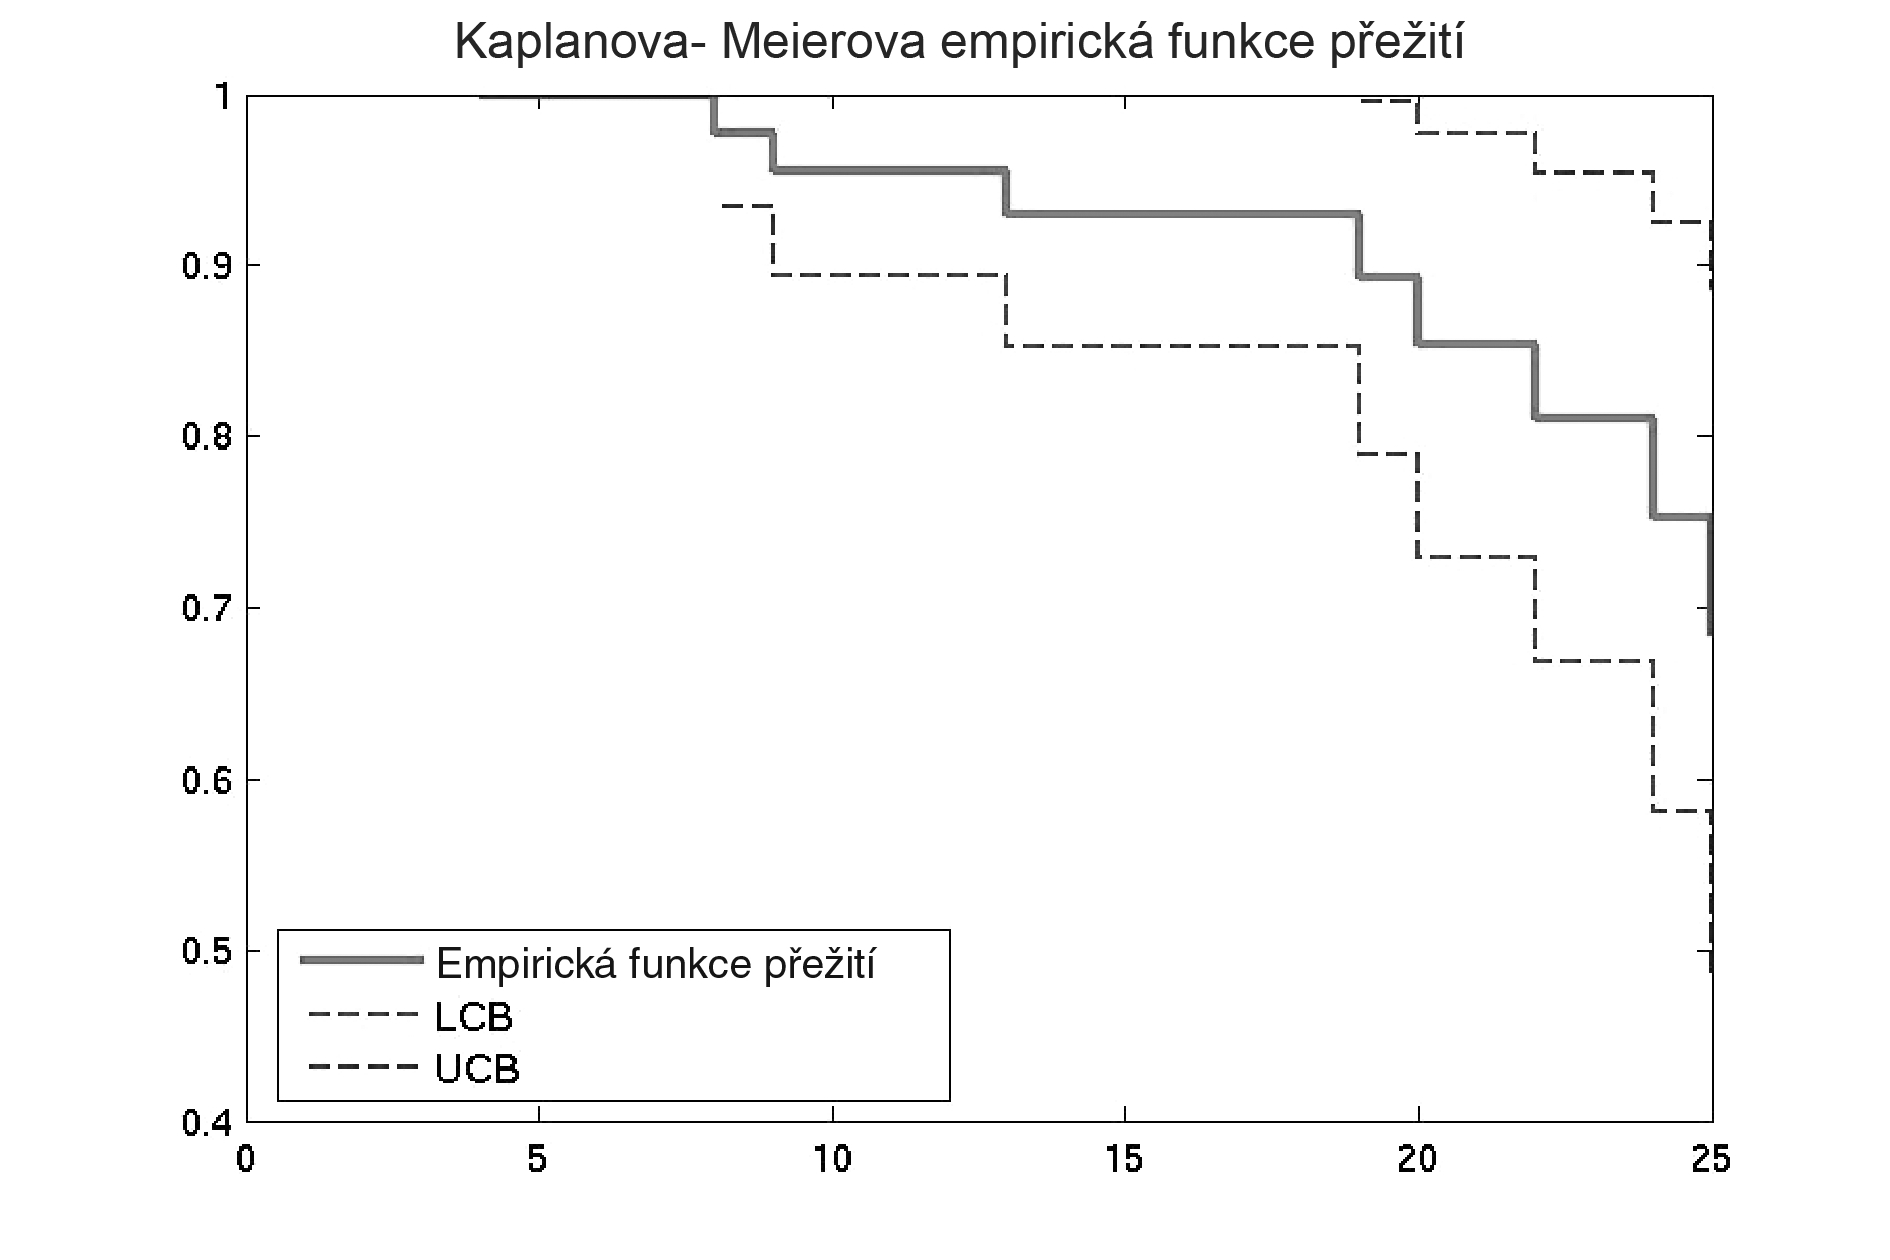 Celkové přežití pacientek konzervativně léčených v MOÚ v období III/2005 až VI/2007 pro karcinom děložního hrdla, soubor 51 pacientek Pozn.: LCB – low confidence bounds – dolní hranice intervalu spolehlivosti; UCB – upper confidence bounds – horní hranice intervalu spolehlivosti